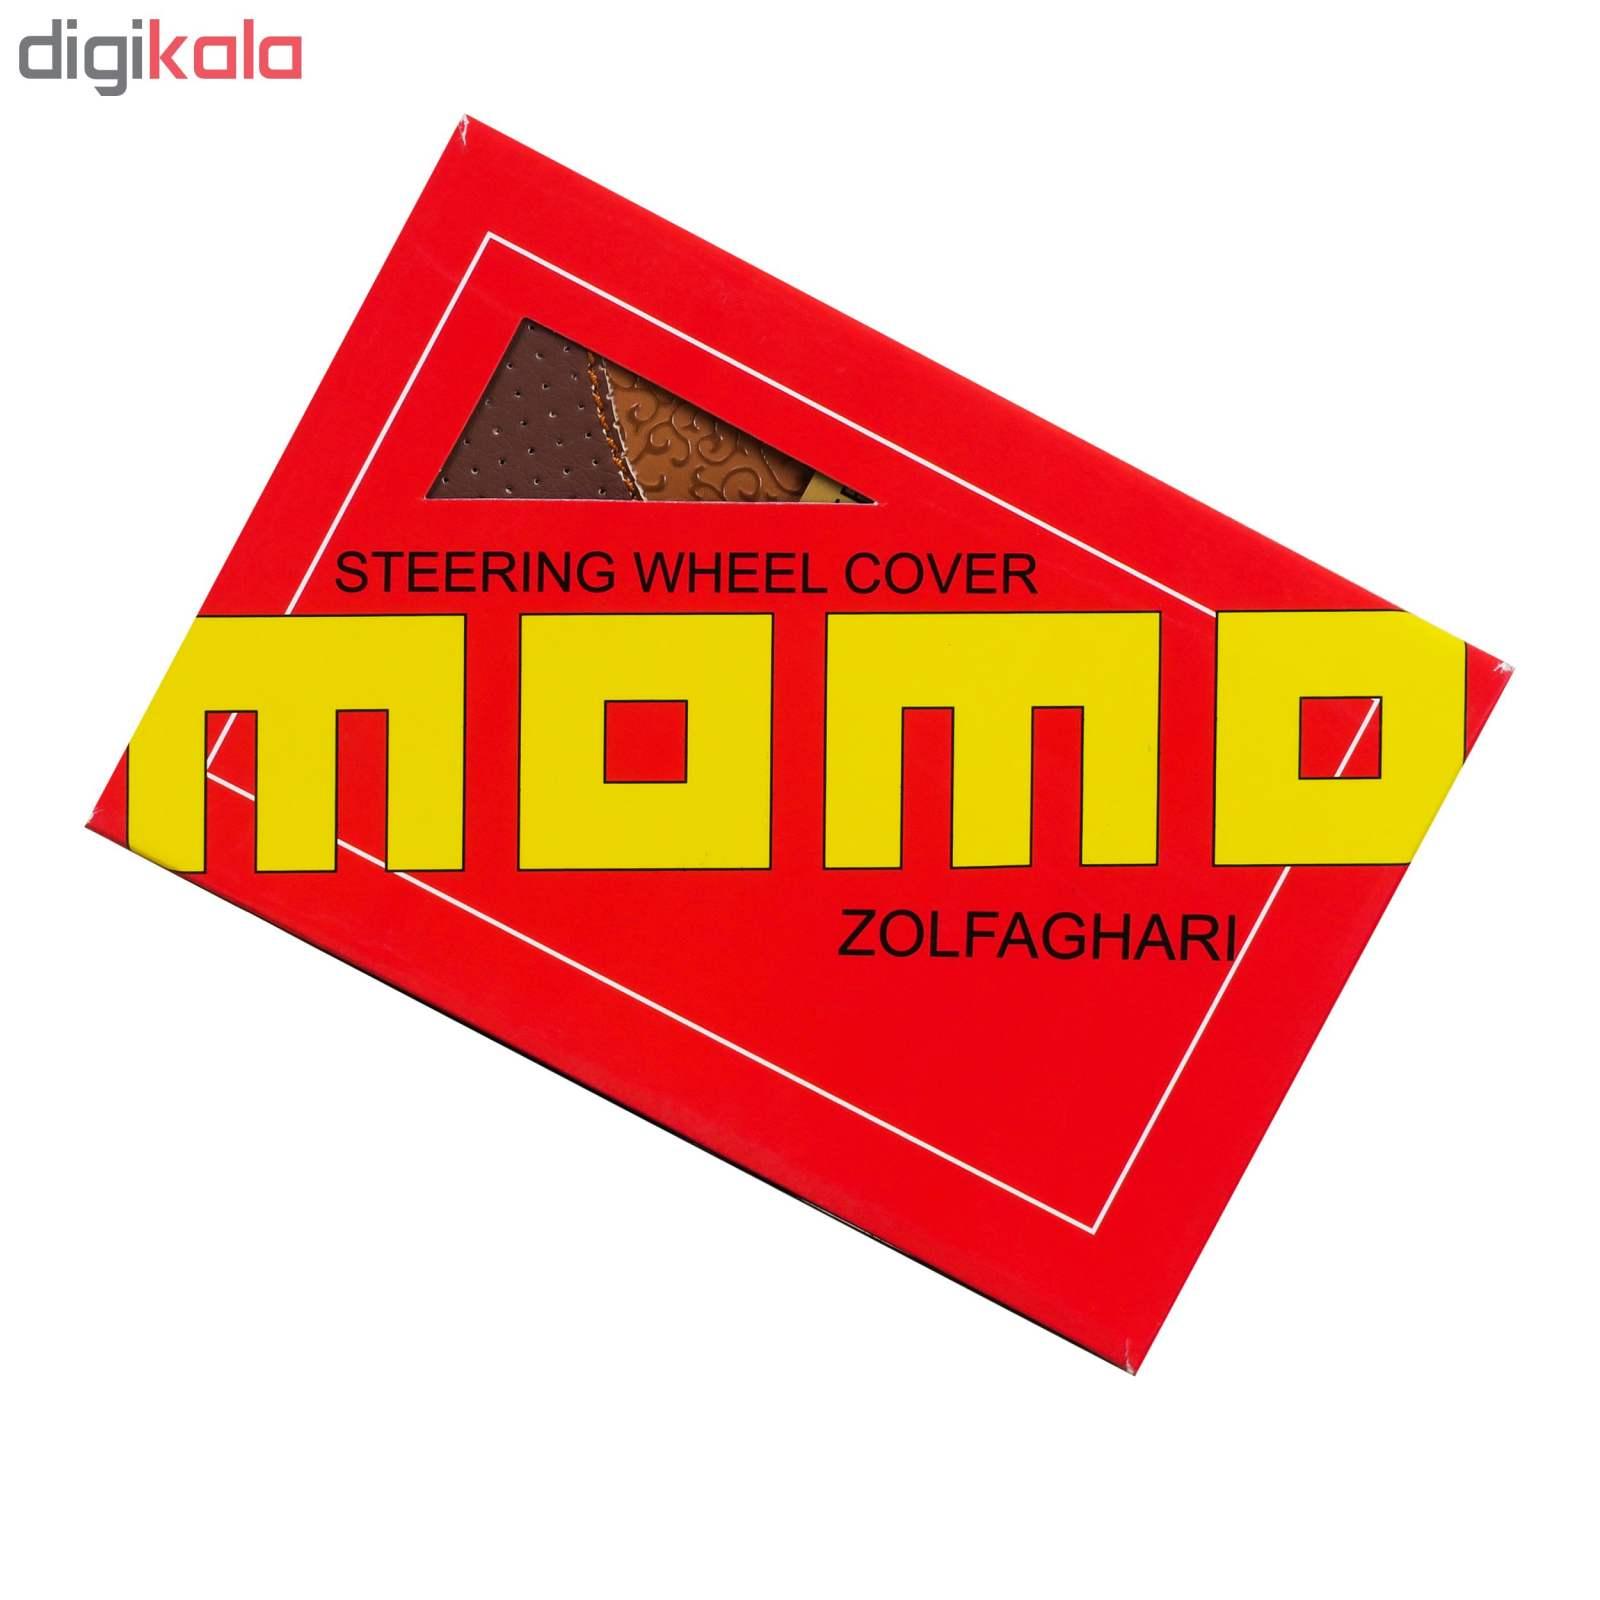 سر دنده مومو مدل East کد 2064 مناسب برای پژو 206 مجموعه 3 عددی main 1 2